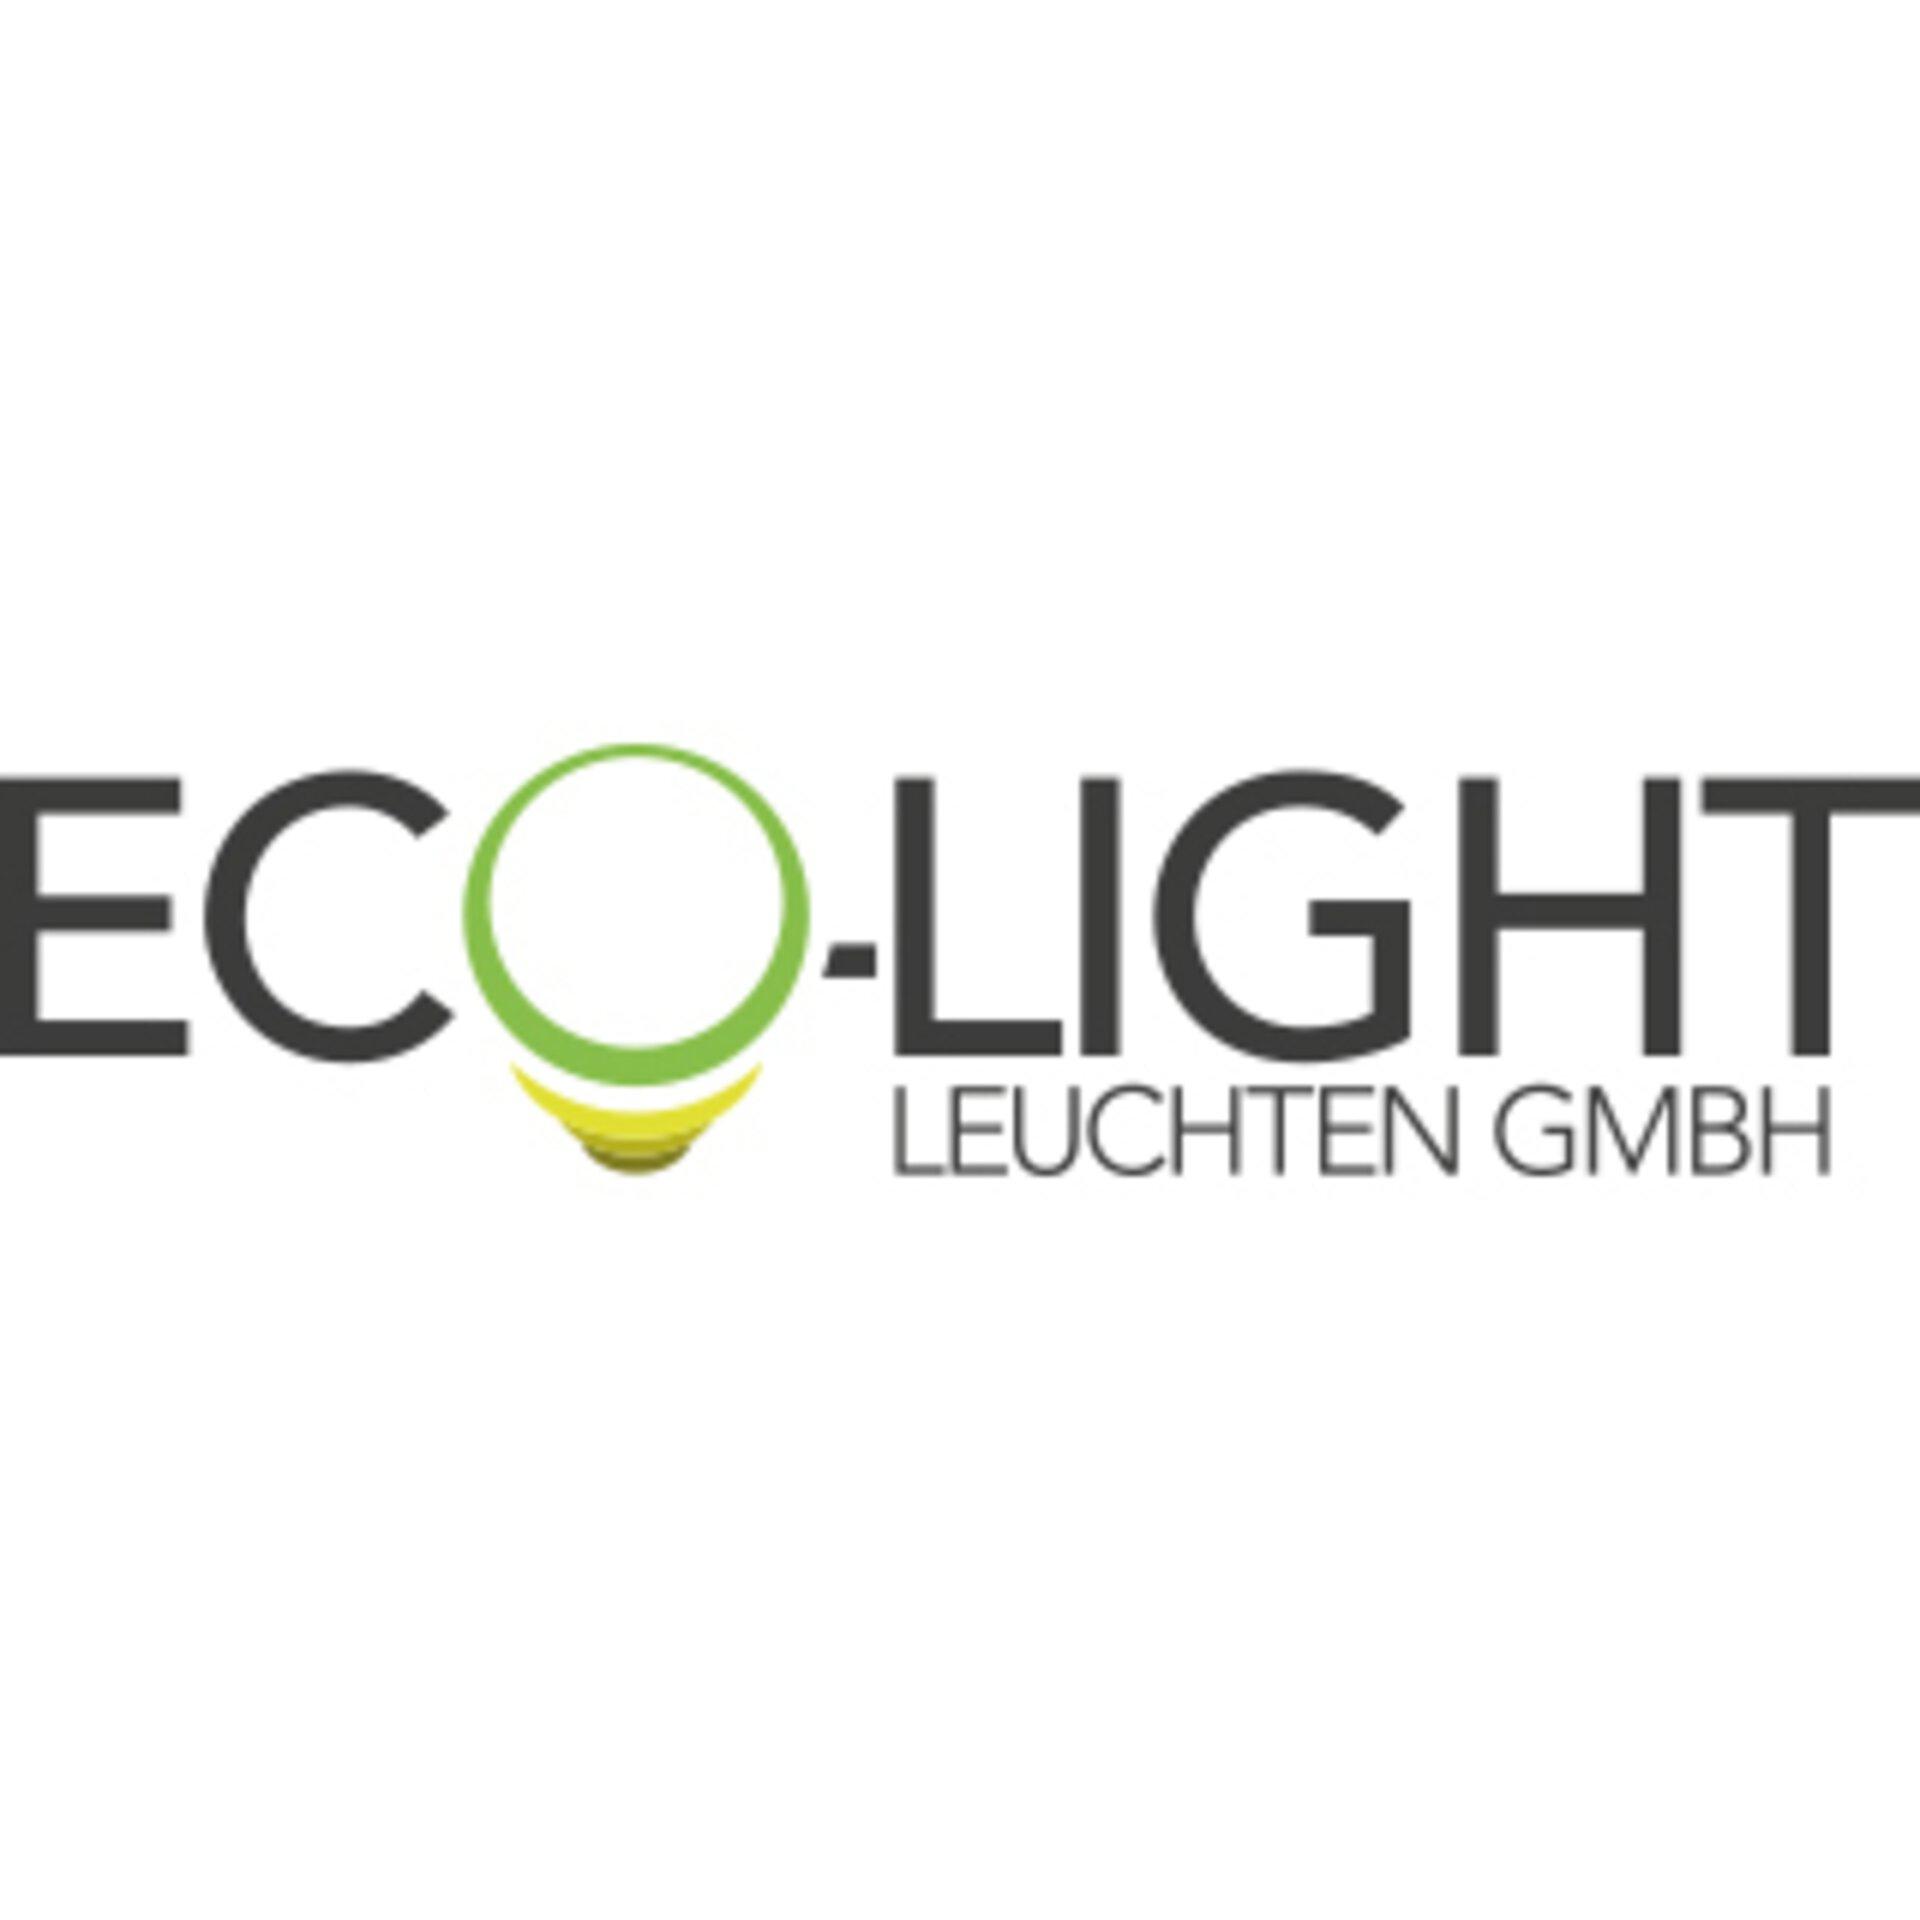 Eco-Light